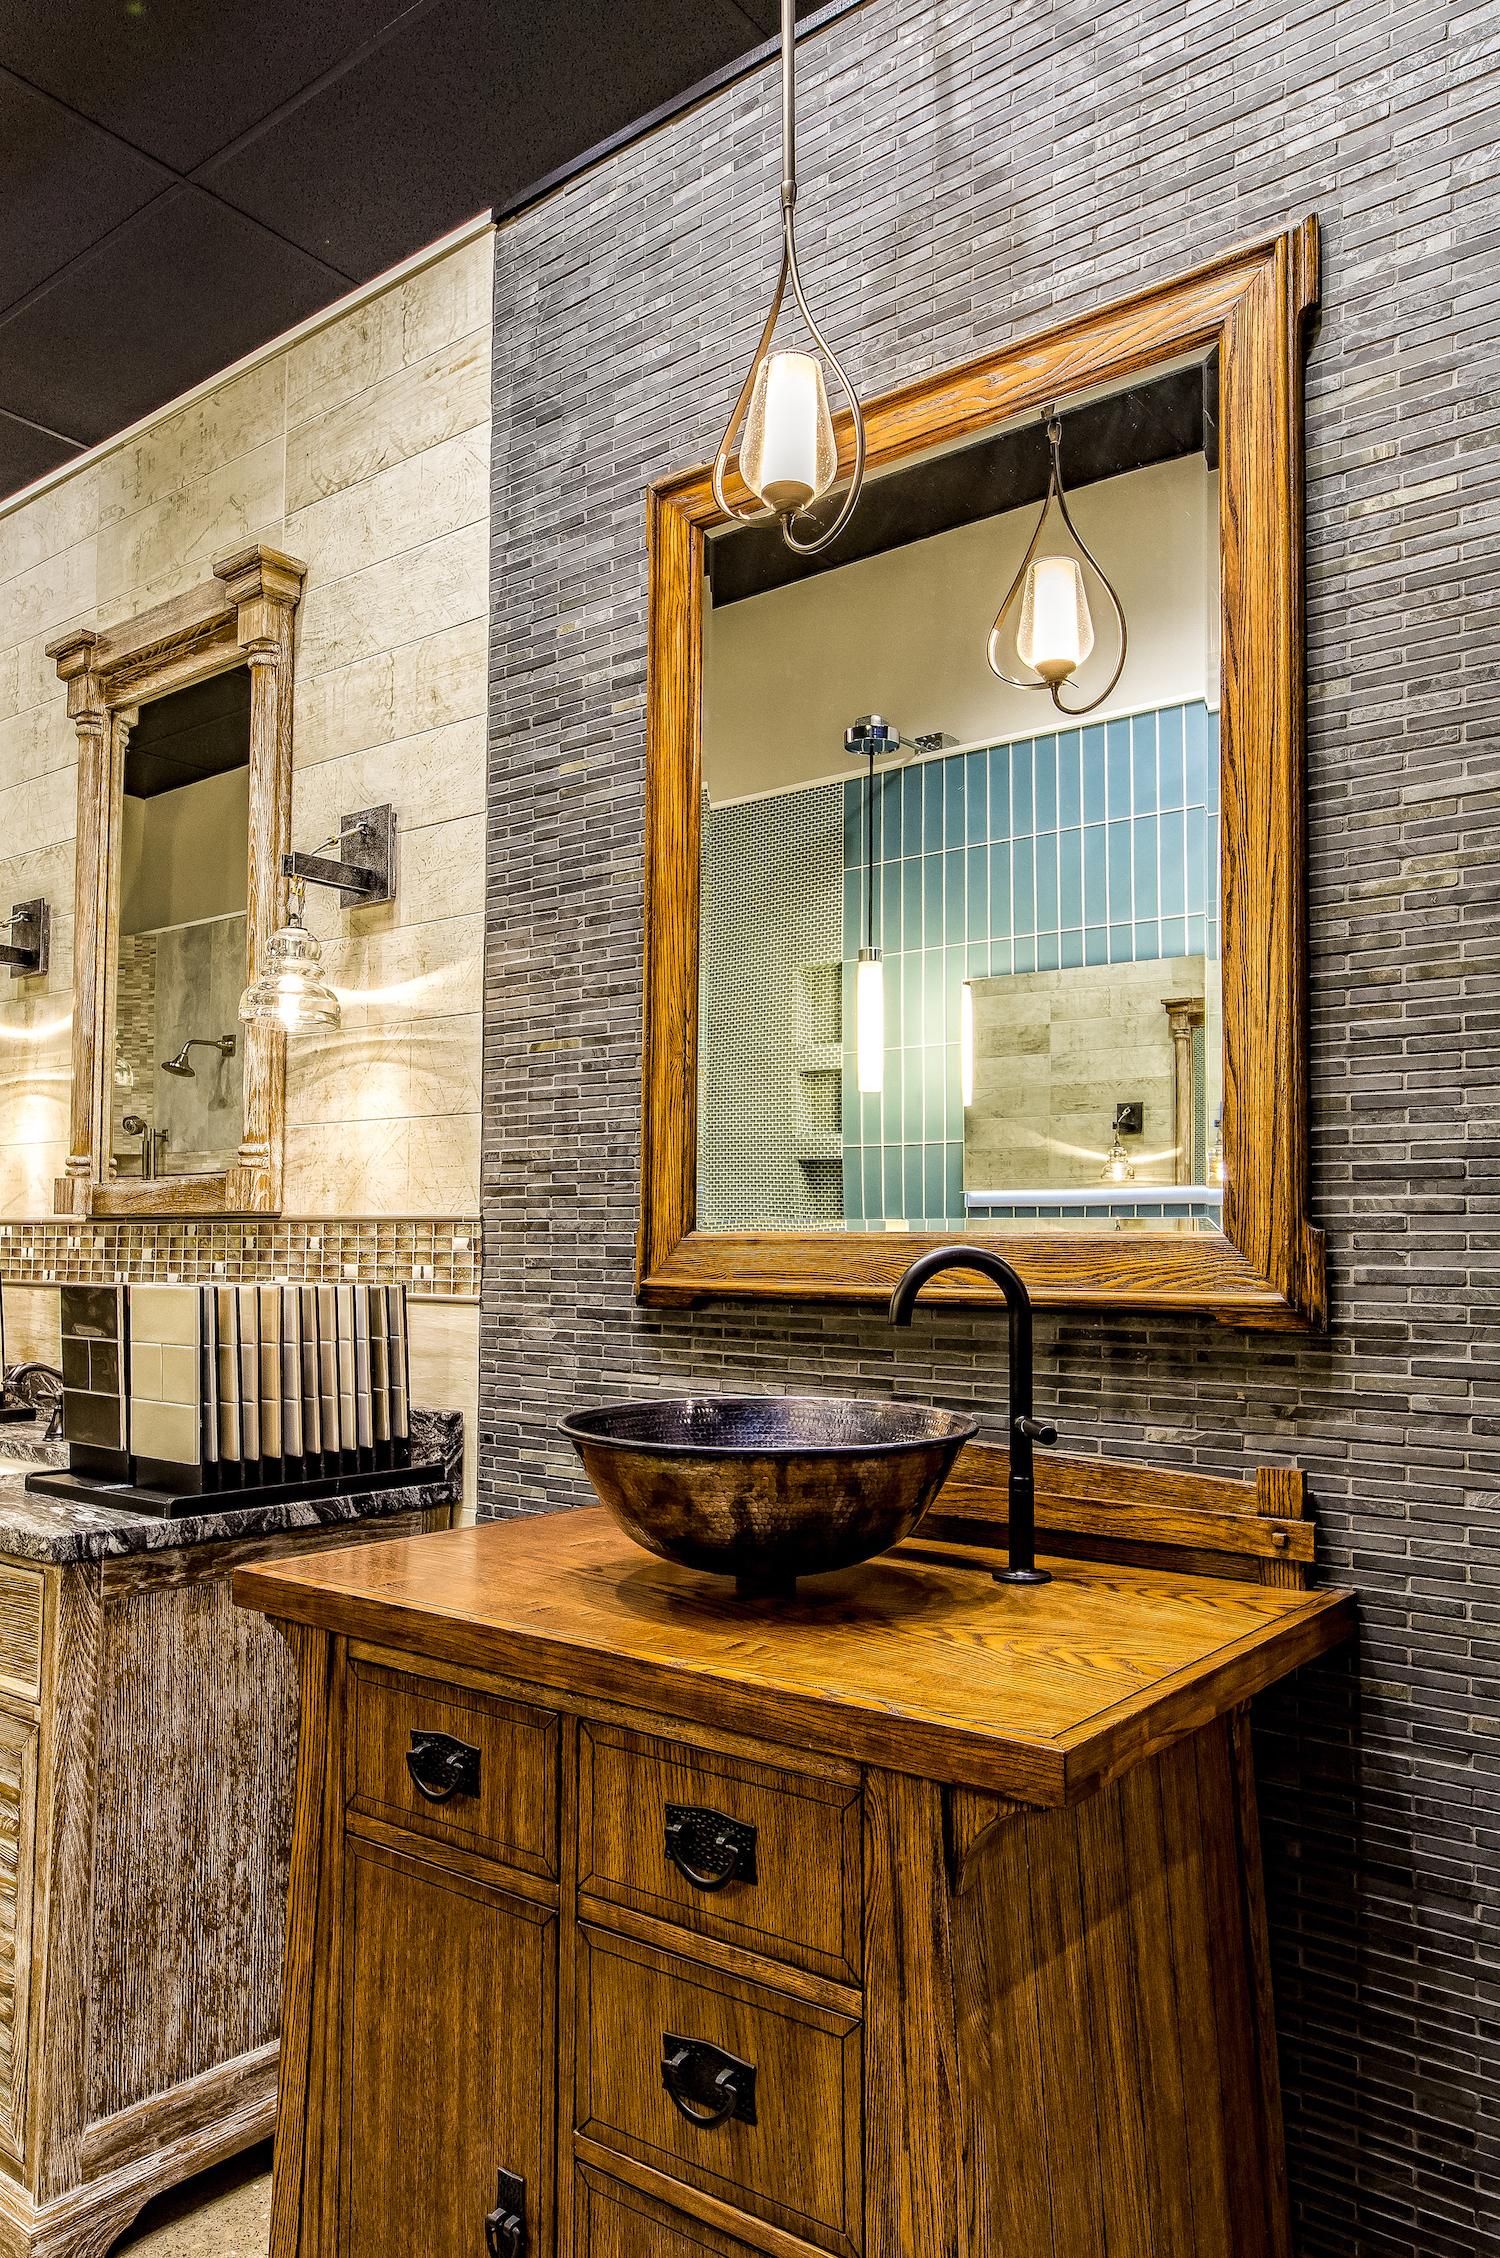 BathRoom Remodeling Showroom, Columbus Ohio, Dream Baths ... on er design, ns design, l.a. design, blue sky design, color design, setzer design, pi design, berserk design, dy design, dj design,